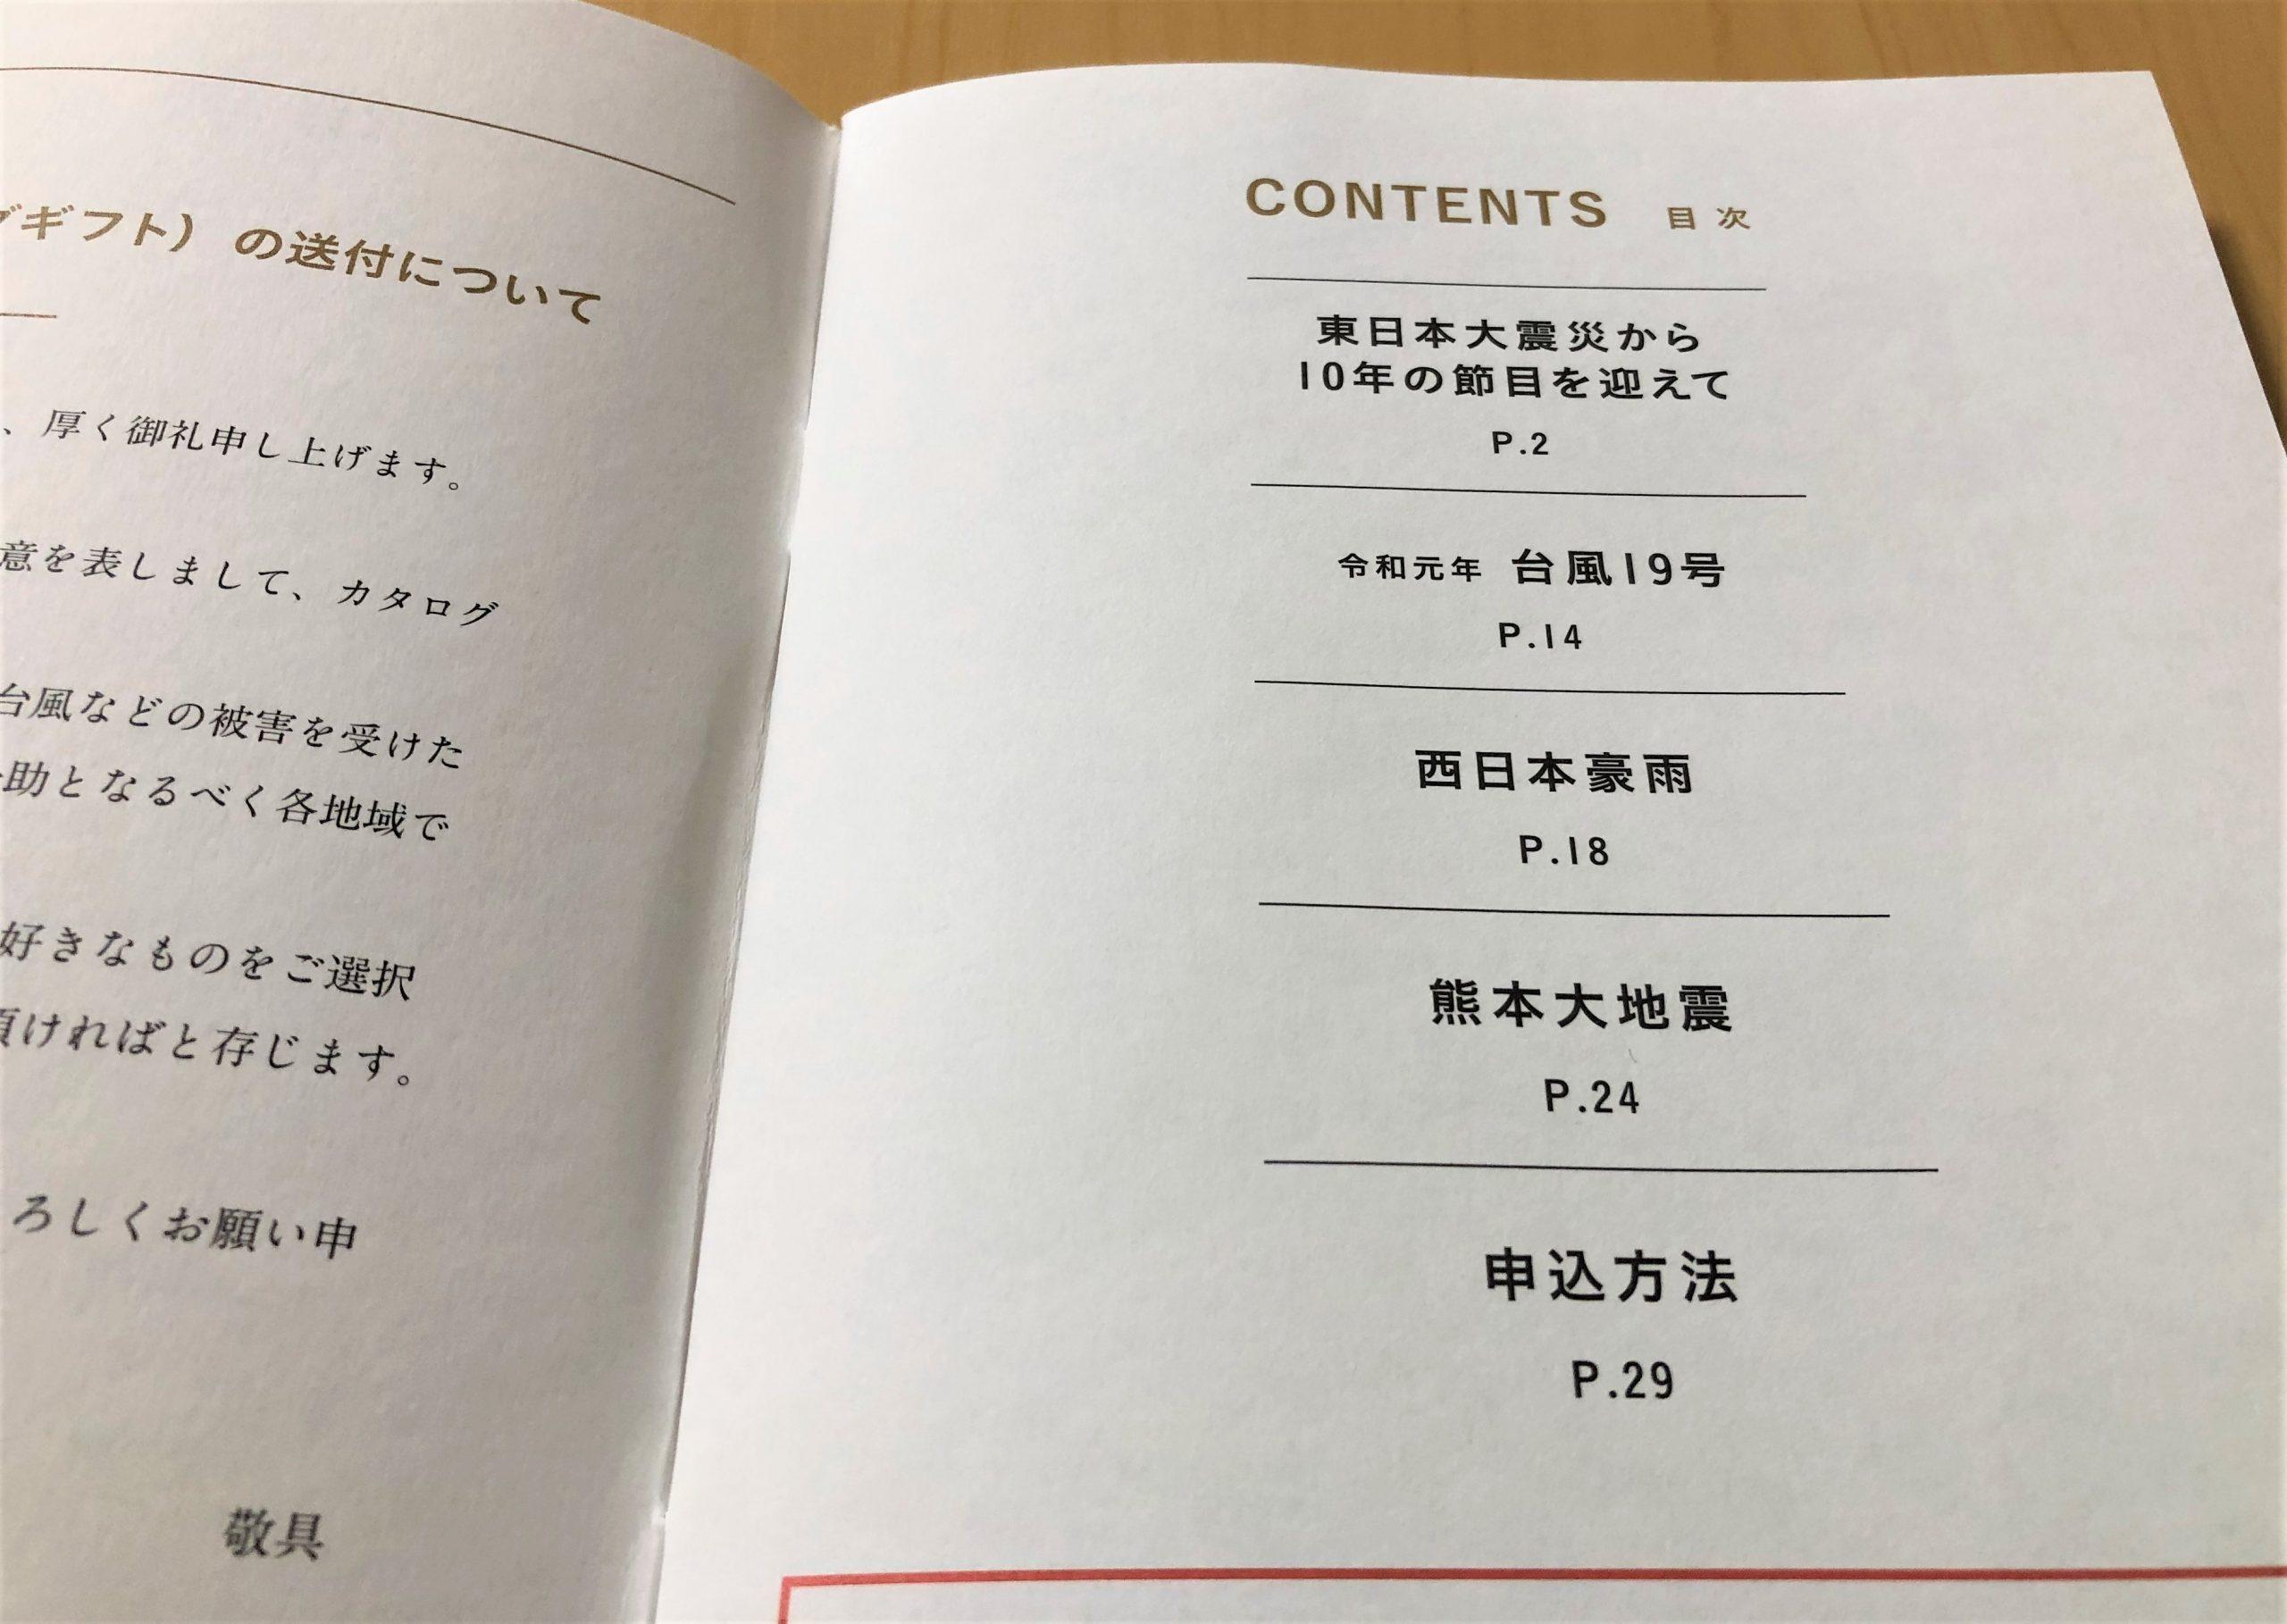 日本モーゲージサービス 優待 ギフトカタログ 2021 目次